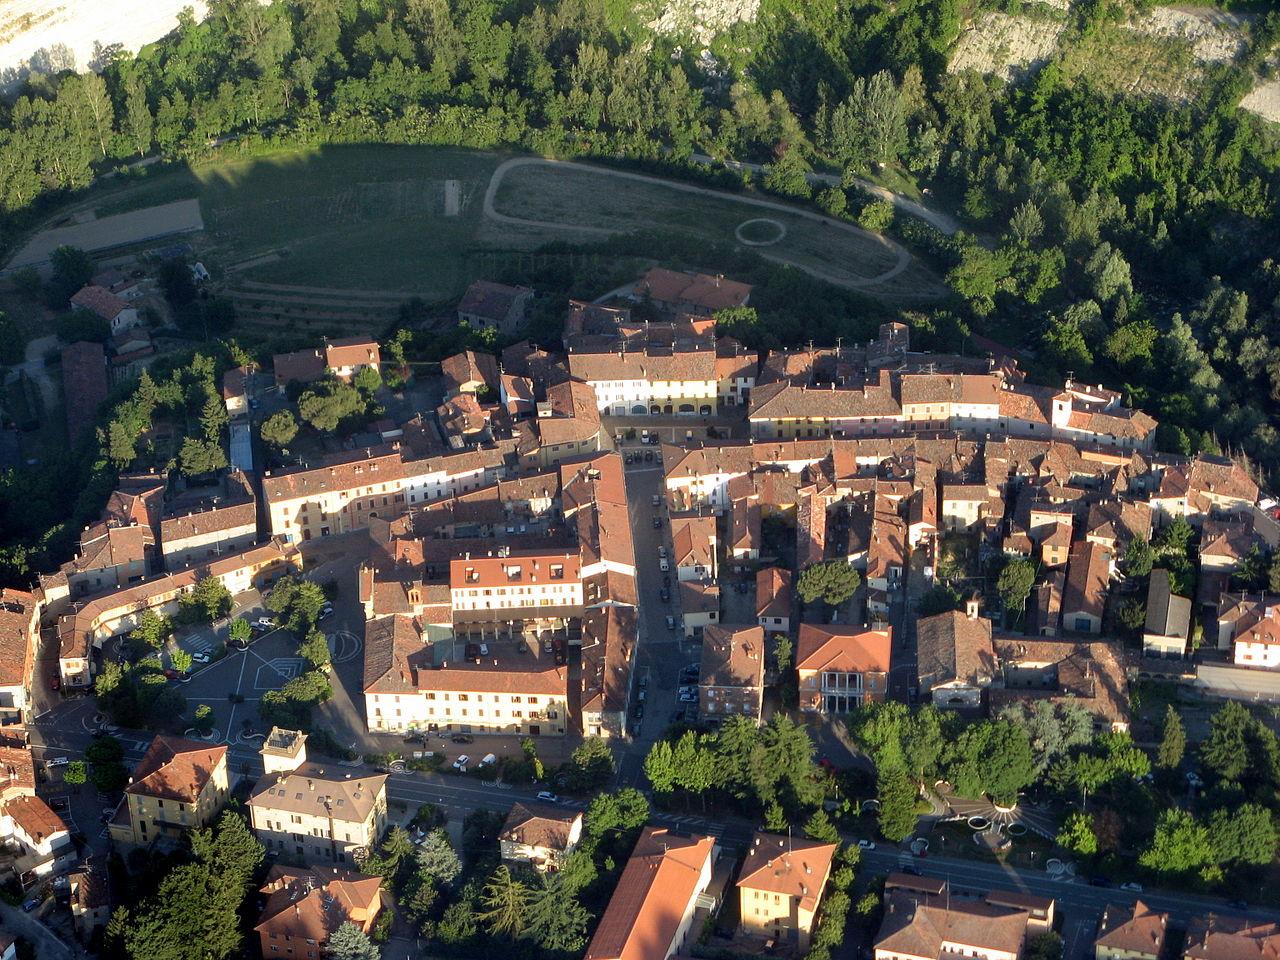 1280px-Veduta_aerea_del_centro_storico_di_Casola_Valsenio